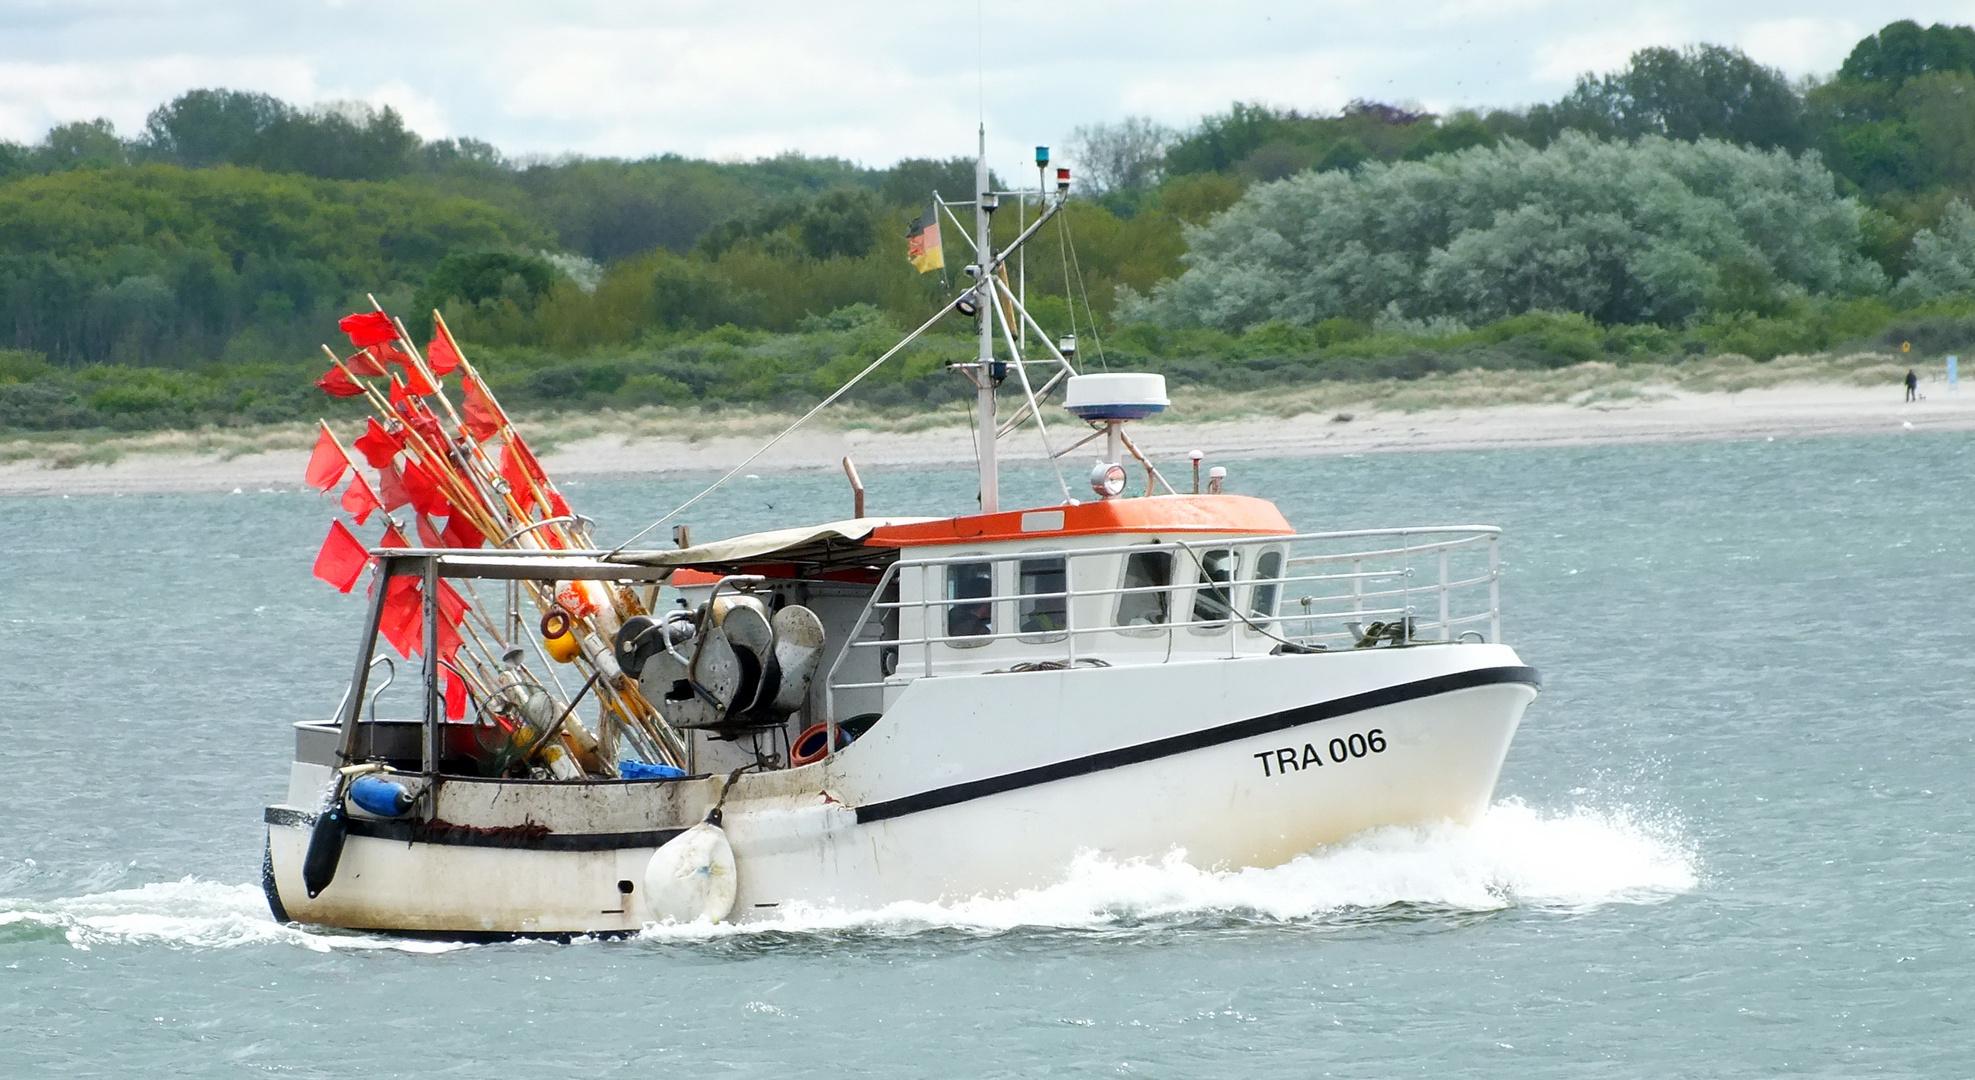 Es ist eine Freude,dass Travemünde auch noch Stellnetzfischer hat.